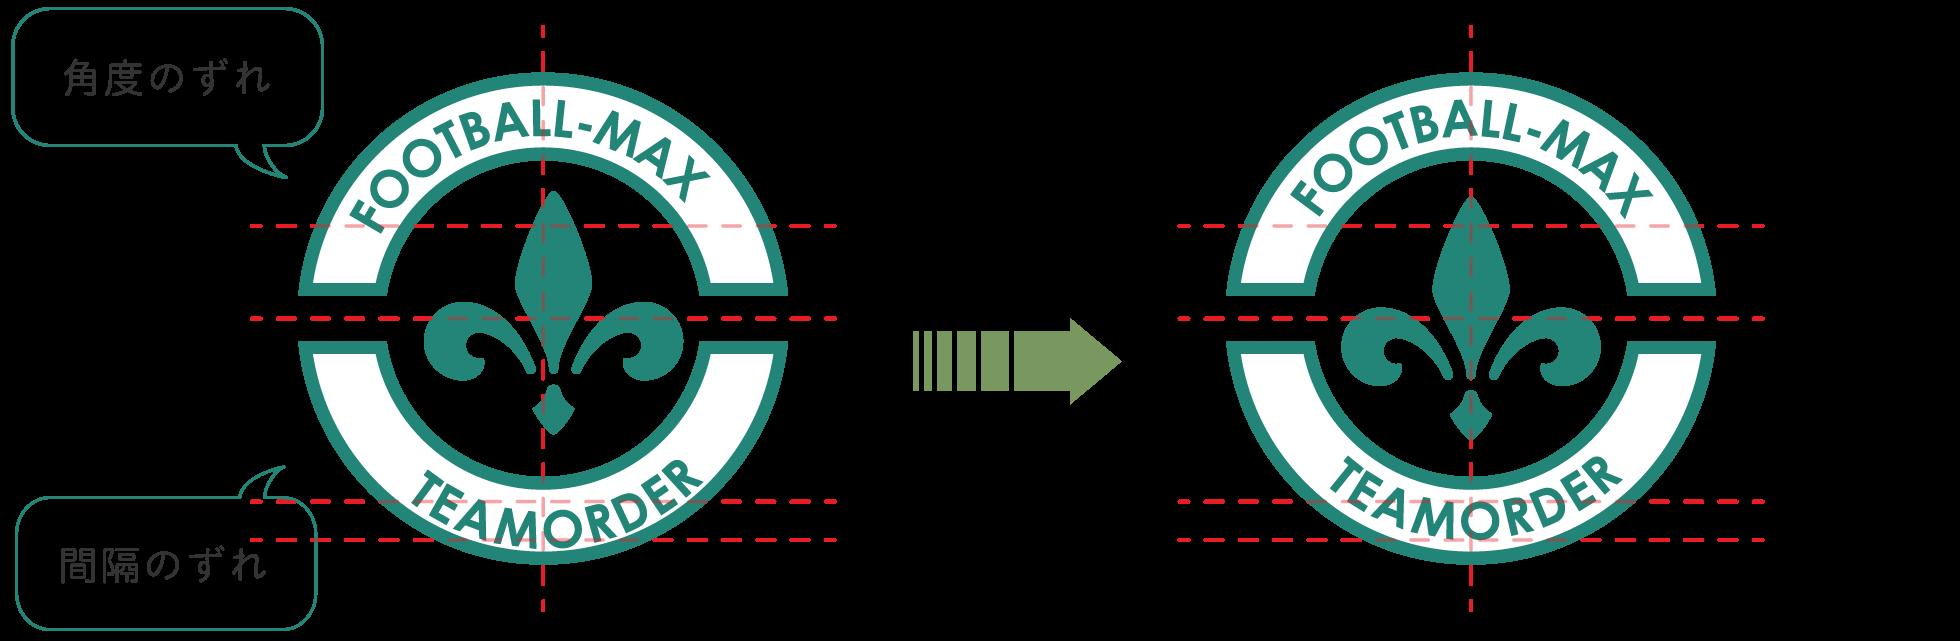 エンブレム 角度や配置の修正